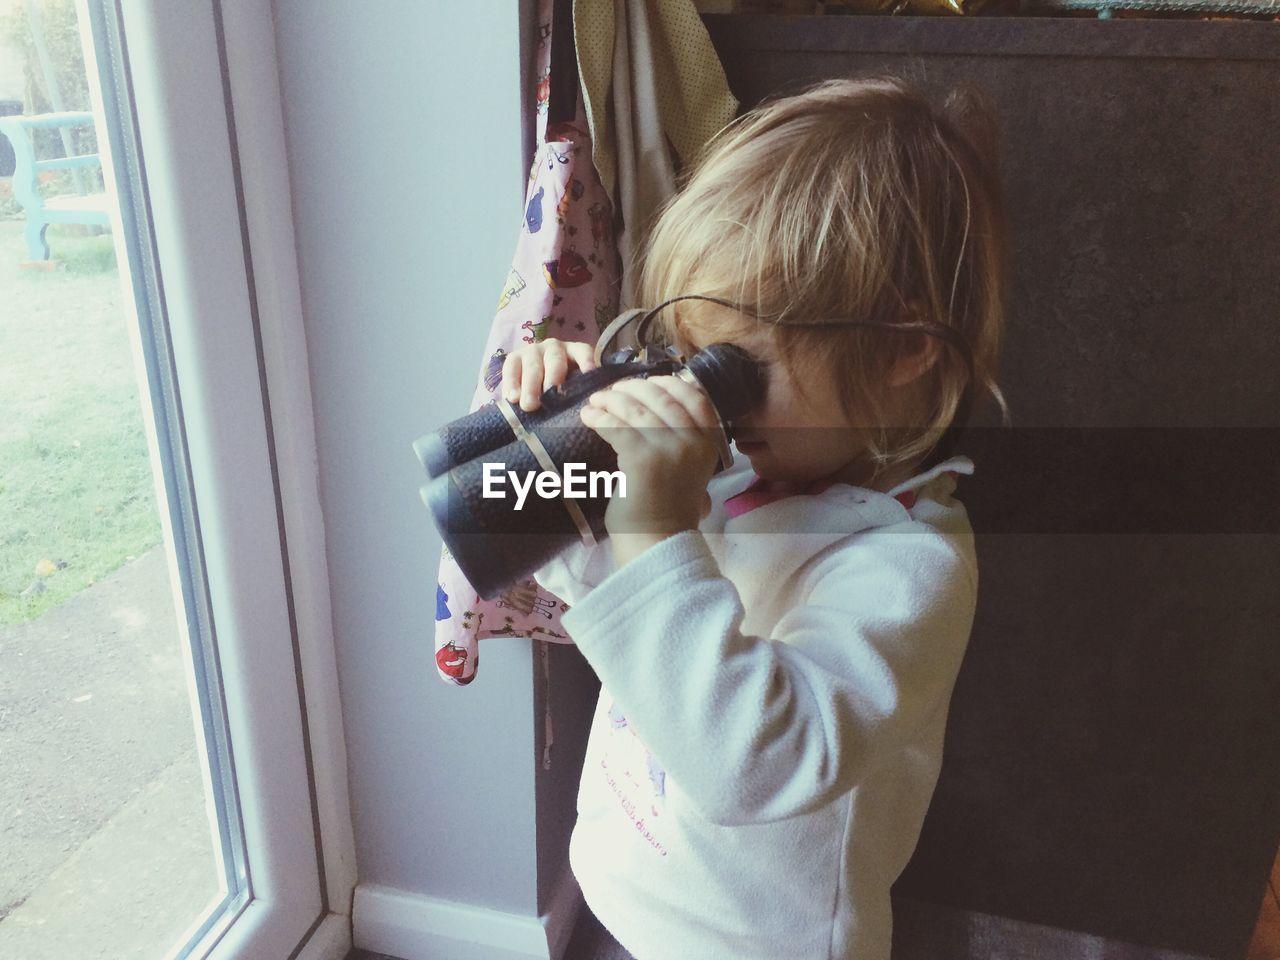 A toddler looking through binoculars